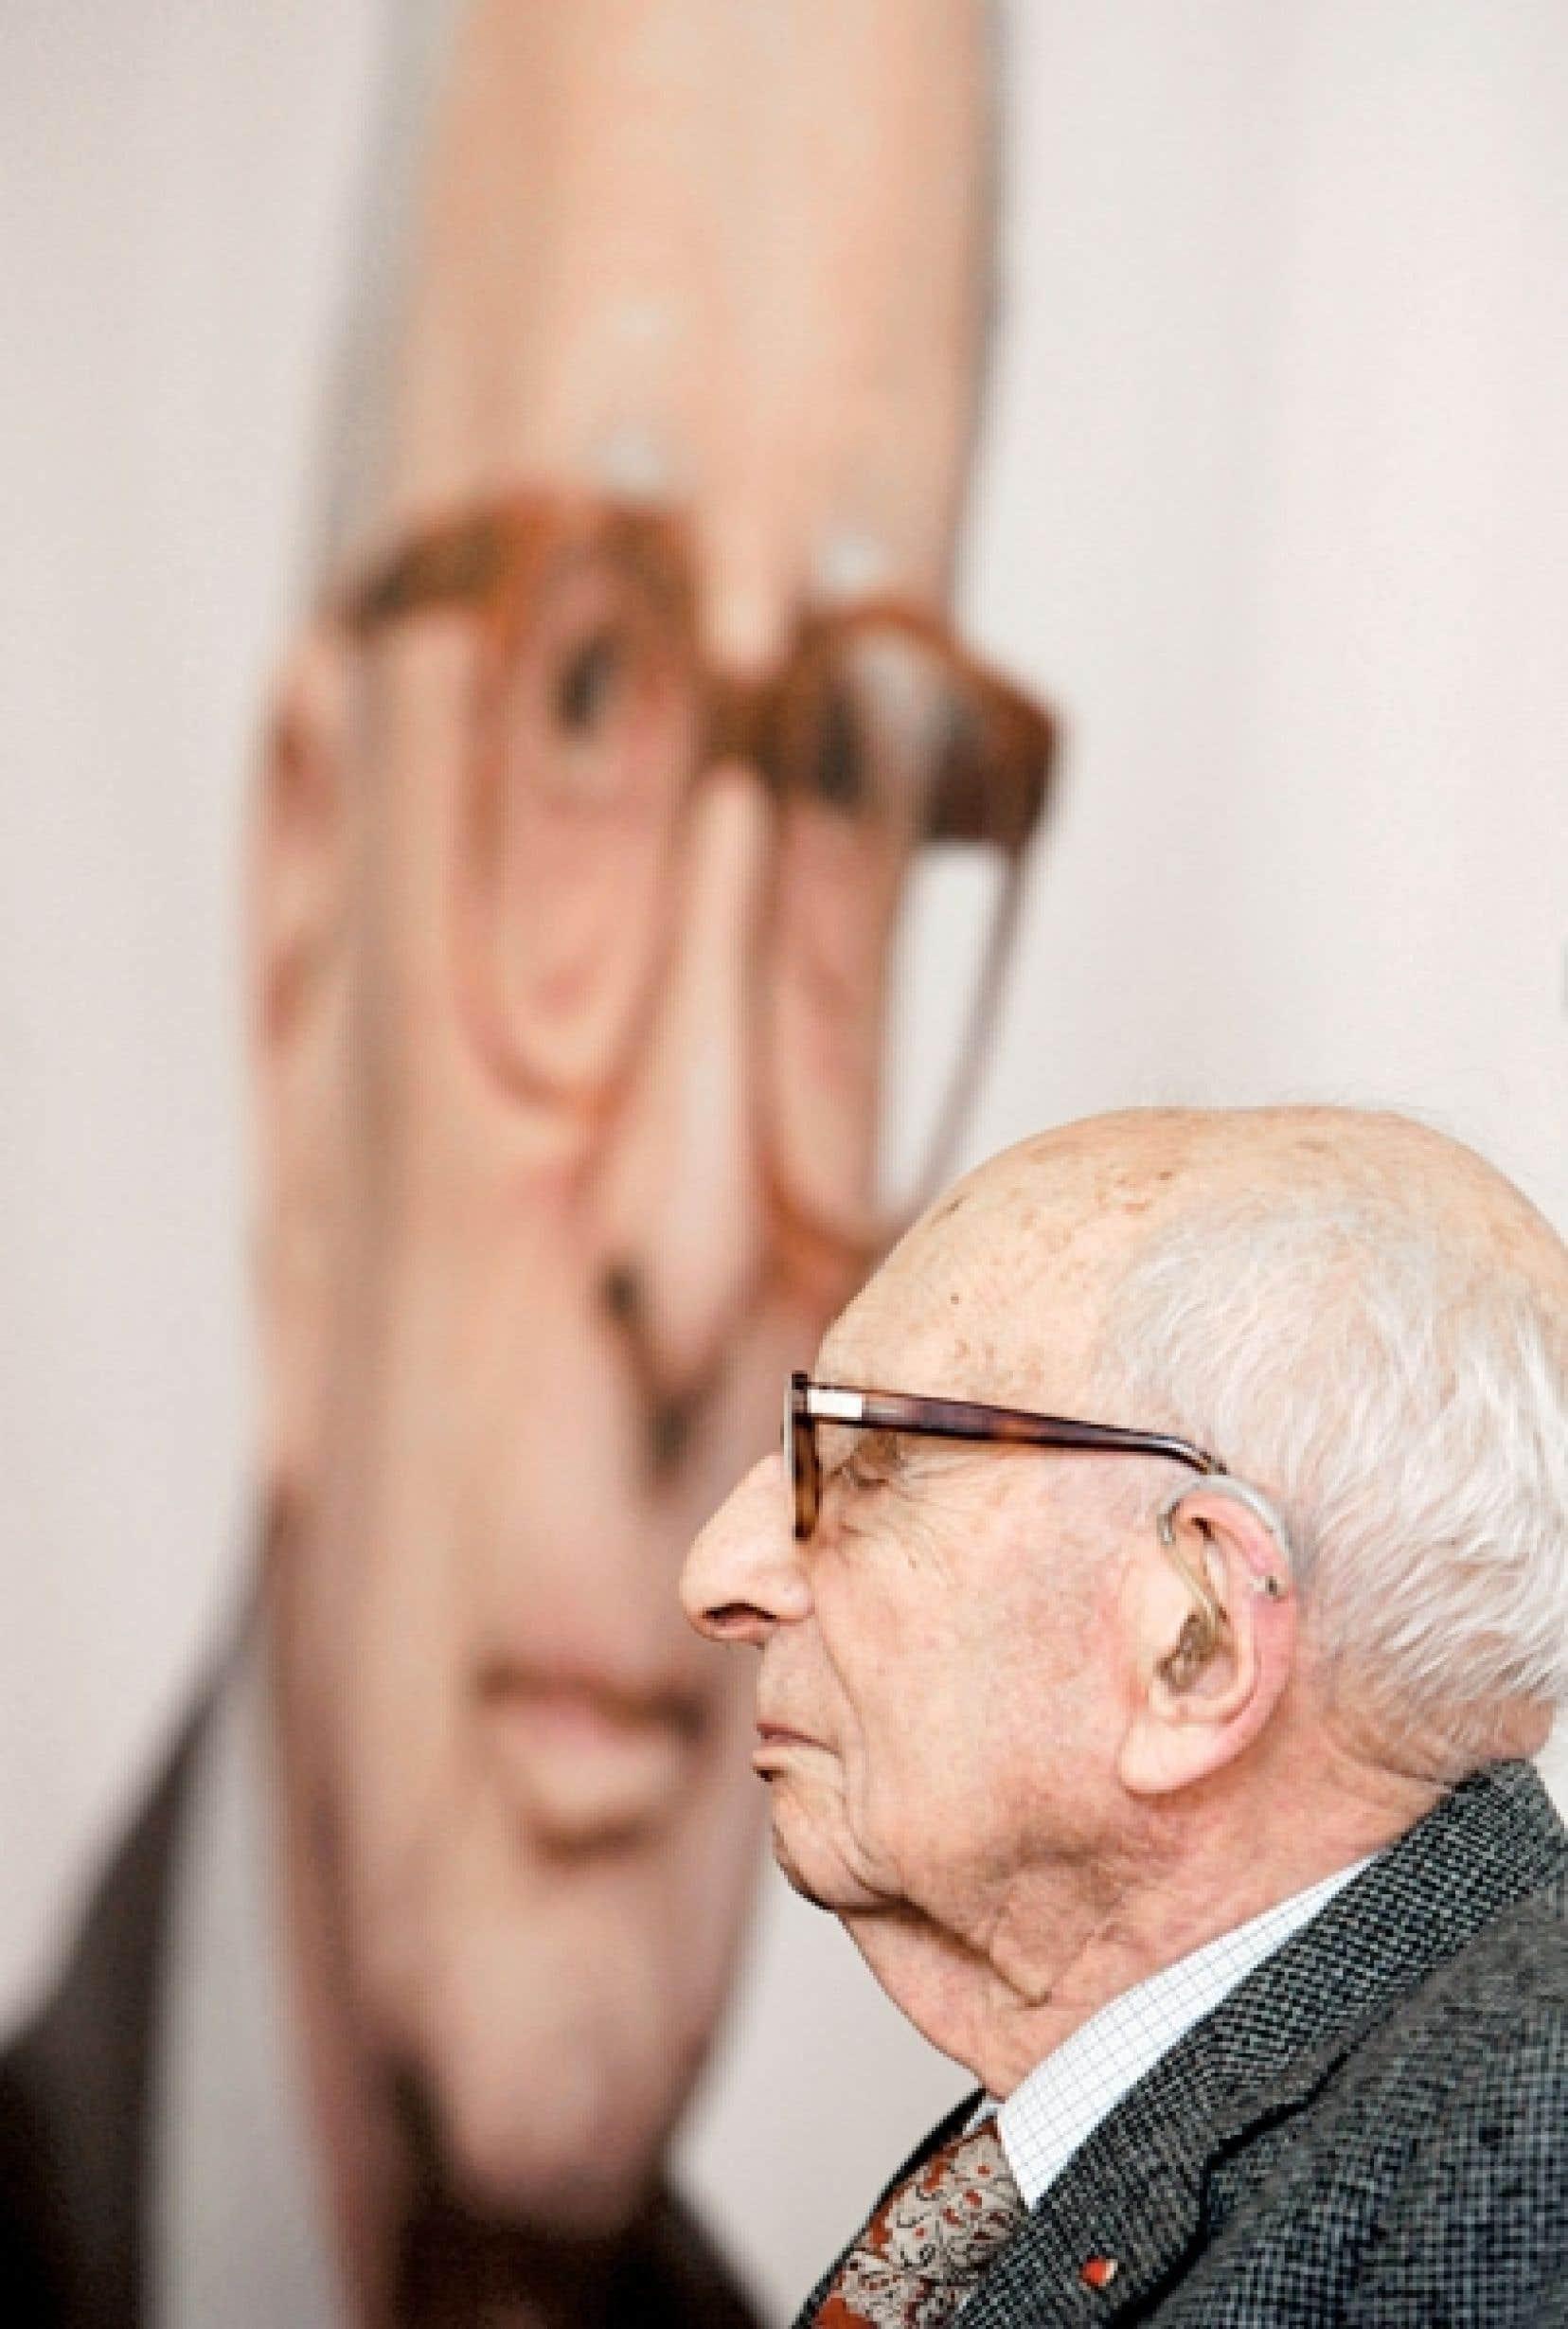 Les travaux de Claude Lévi-Strauss, ethnologue de formation et philosophe de profession, ont fondé les théories antiracistes du milieu du xxe siècle.